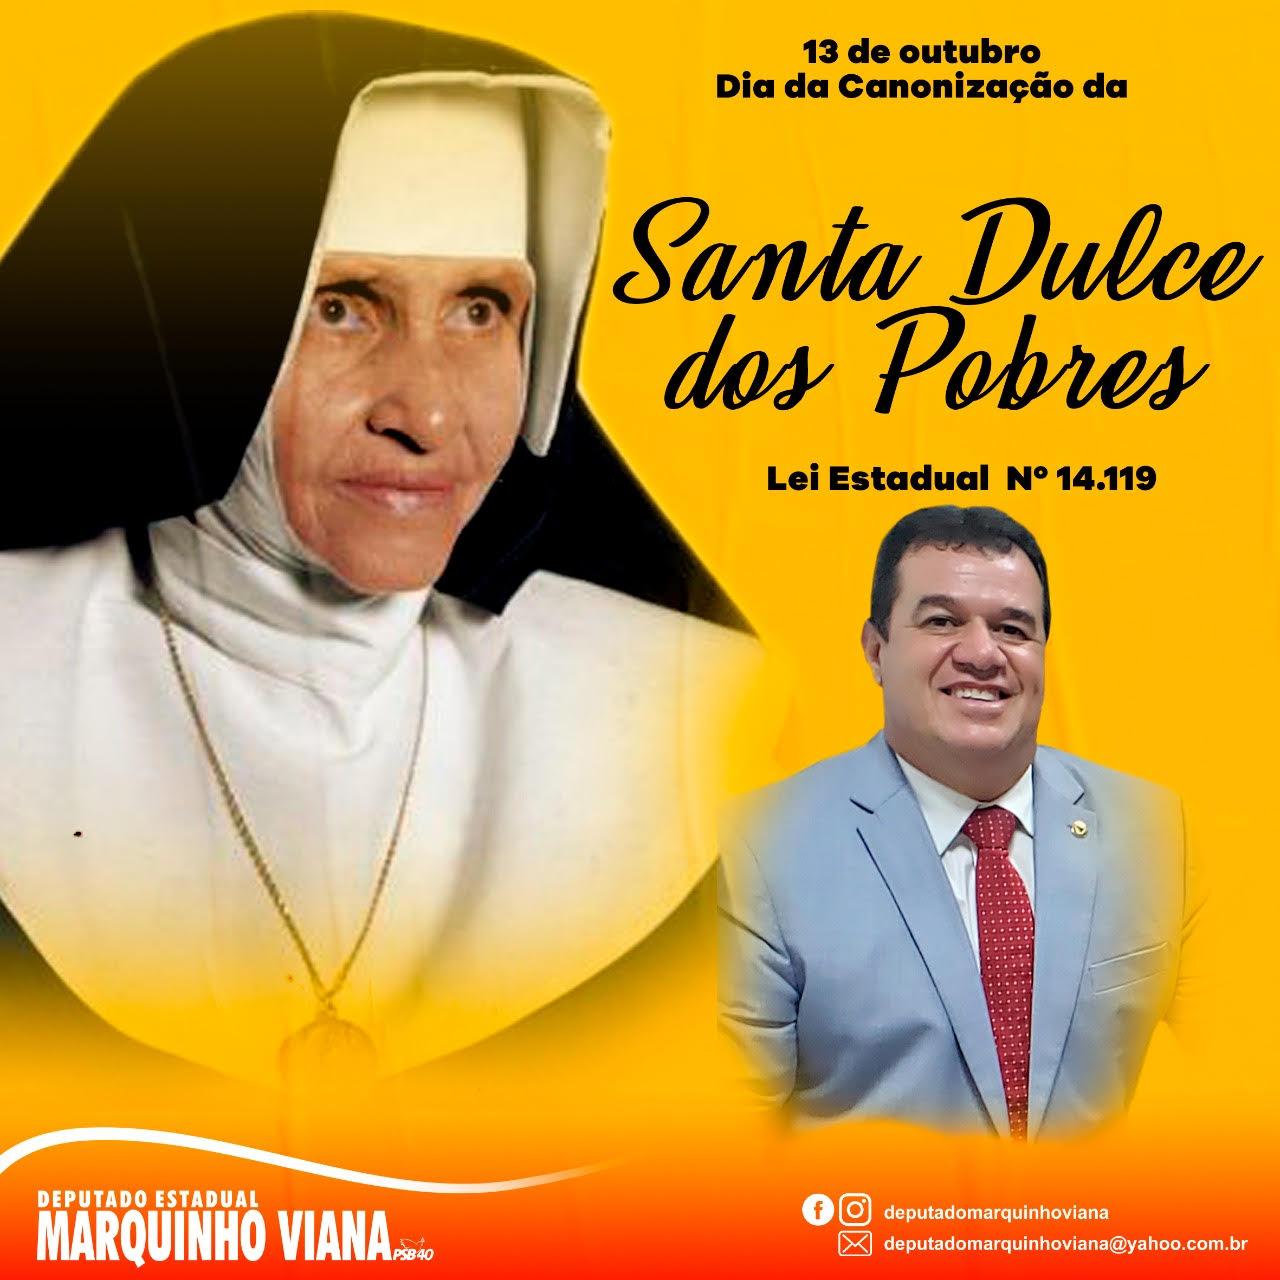 15/10: DEPUTADO MARQUINHO VIANA REVERENCIA DATA DE CANONIZAÇÃO DA SANTA DULCE DOS POBRES